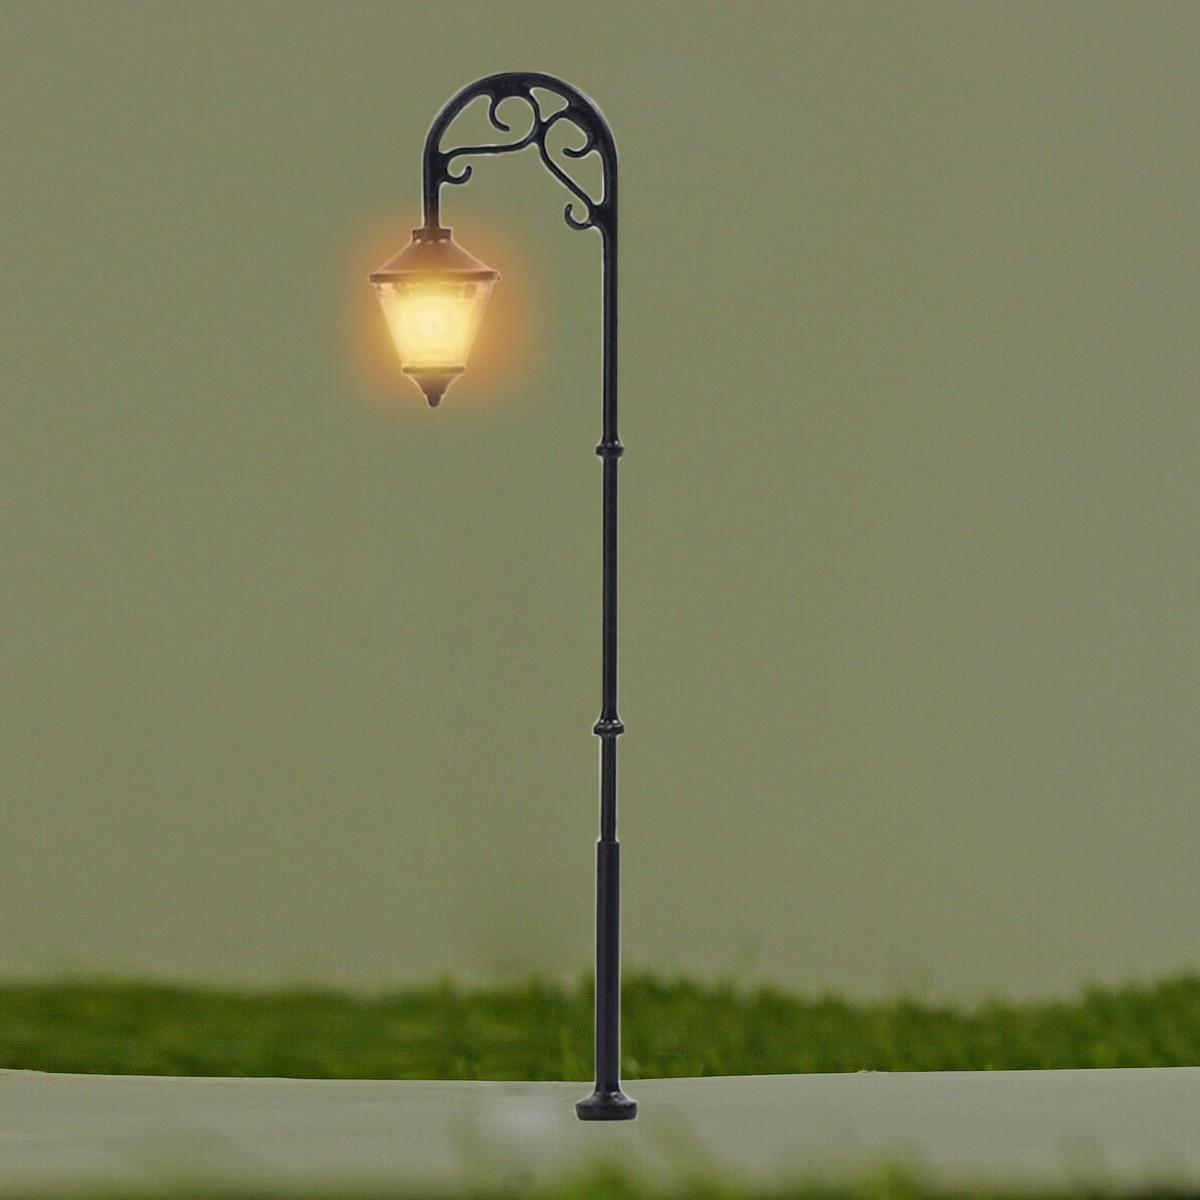 5/10 шт 187 HO ретро модели уличного фонаря Макет фонарный столб сада ландшафтный светильник железнодорожный поезд лампы Декорации для микро ландшафтного дизайна